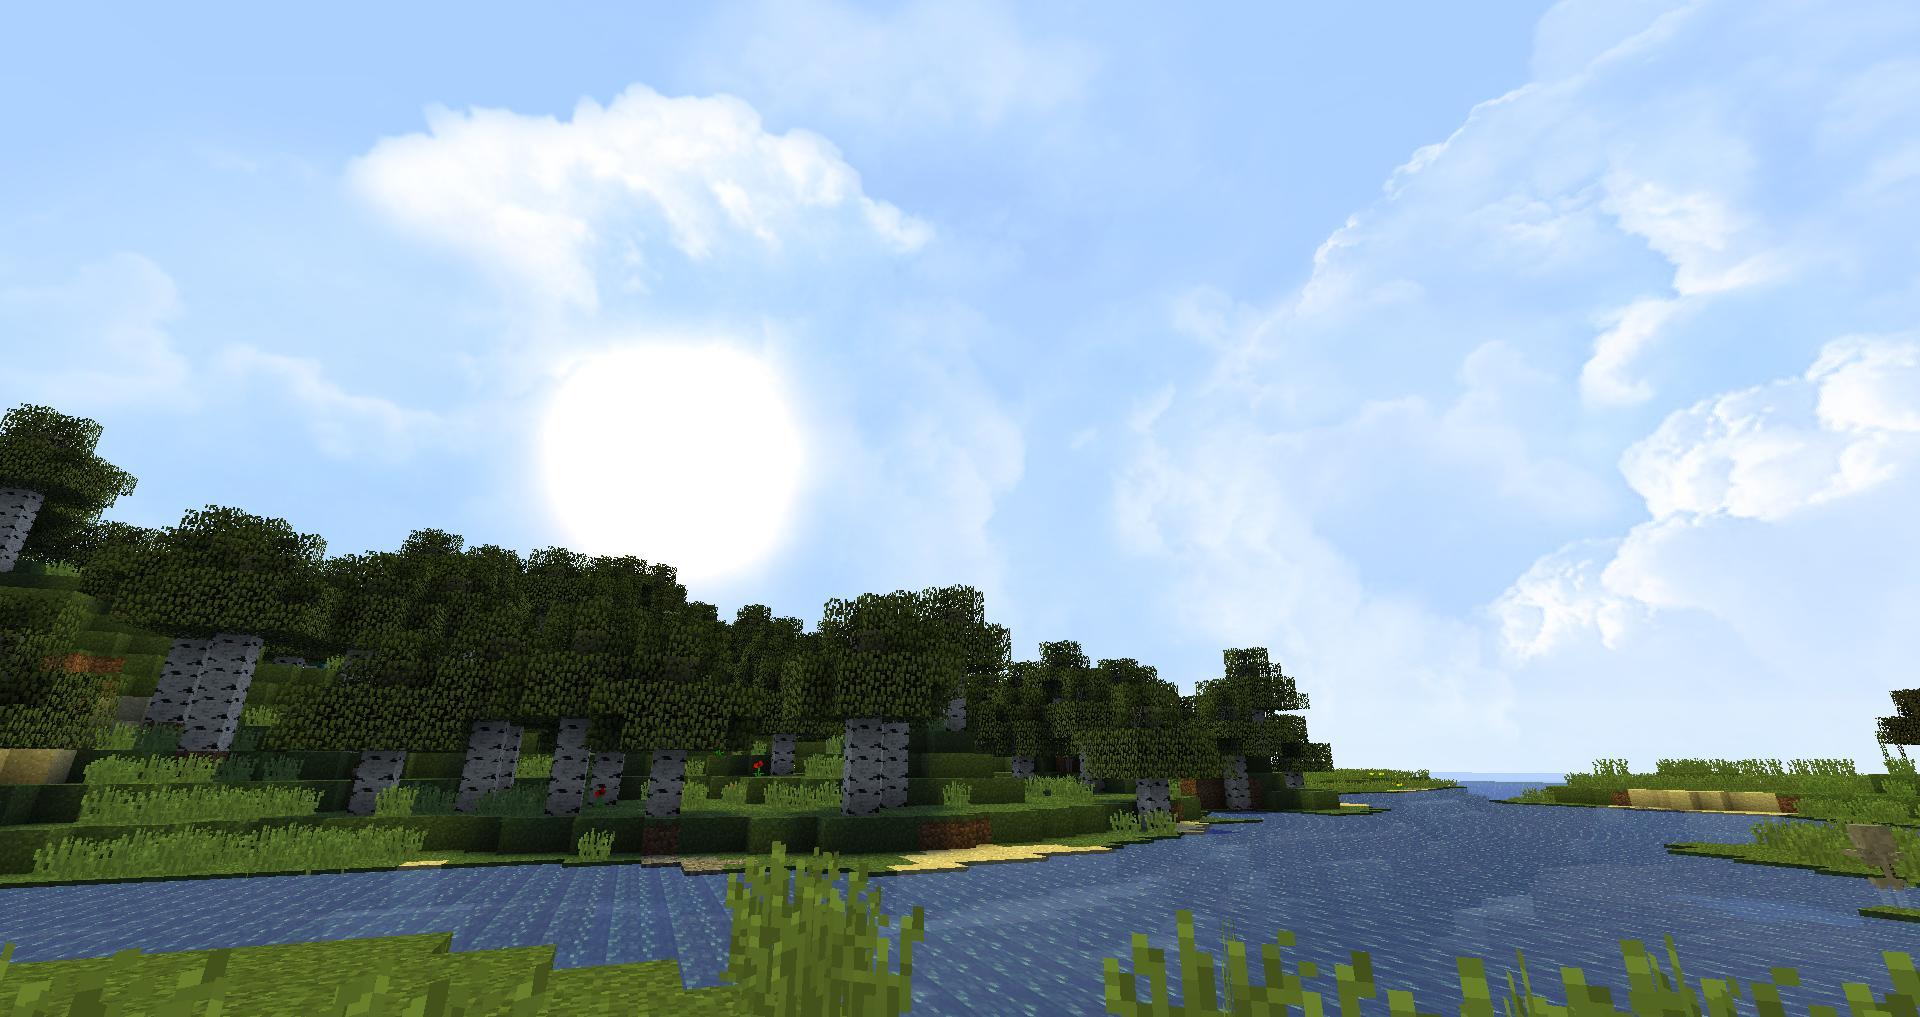 Miku Minecraft Texture Packs